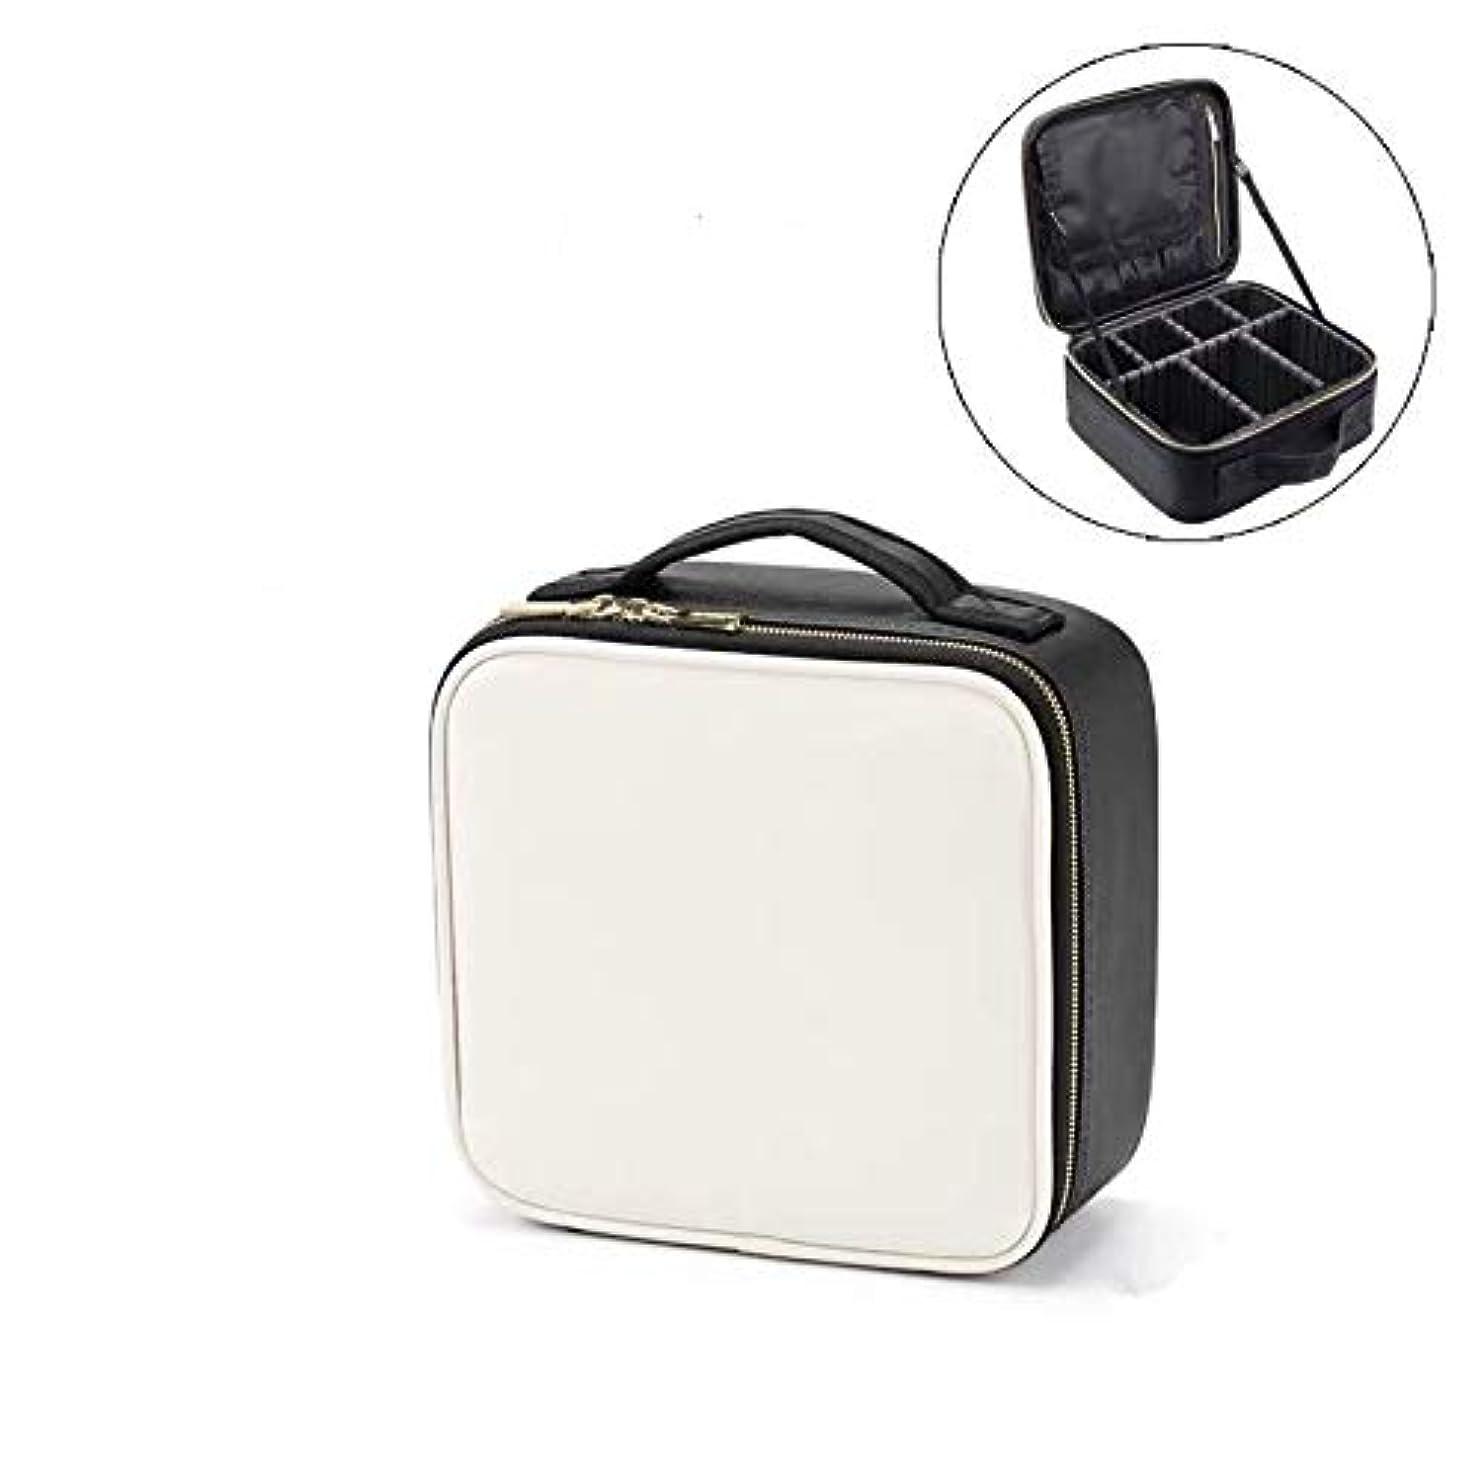 組立メドレー保証するメイクボックス プロ用 大容量 仕切り板調節可能 防水設計 コスメボックス 化粧ポーチ 化粧品収納 高級感 旅行外出 携帯用